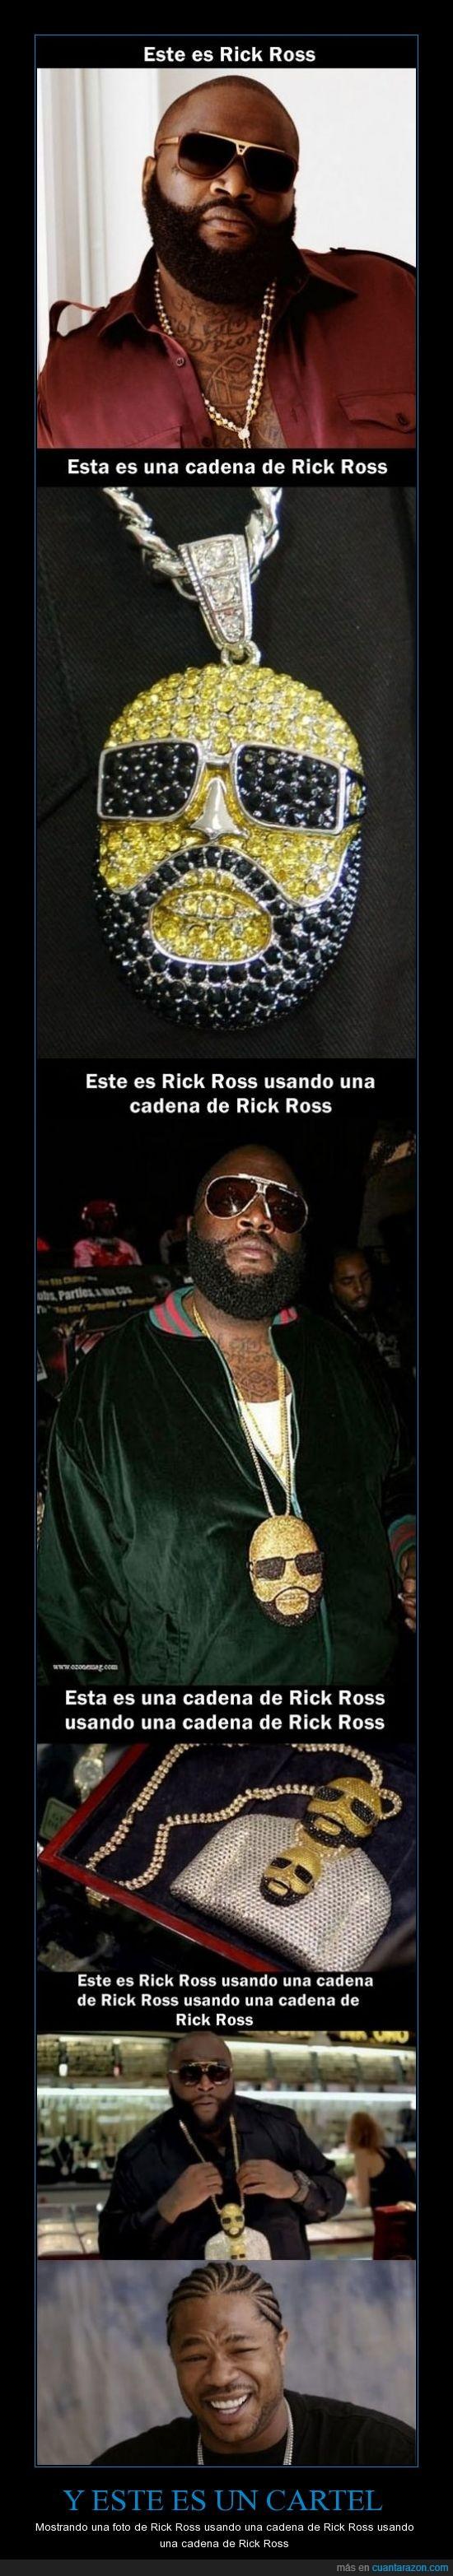 no se quien sea,pero me parecio gracioso,por enesima vez ;cadena,Rick Ross